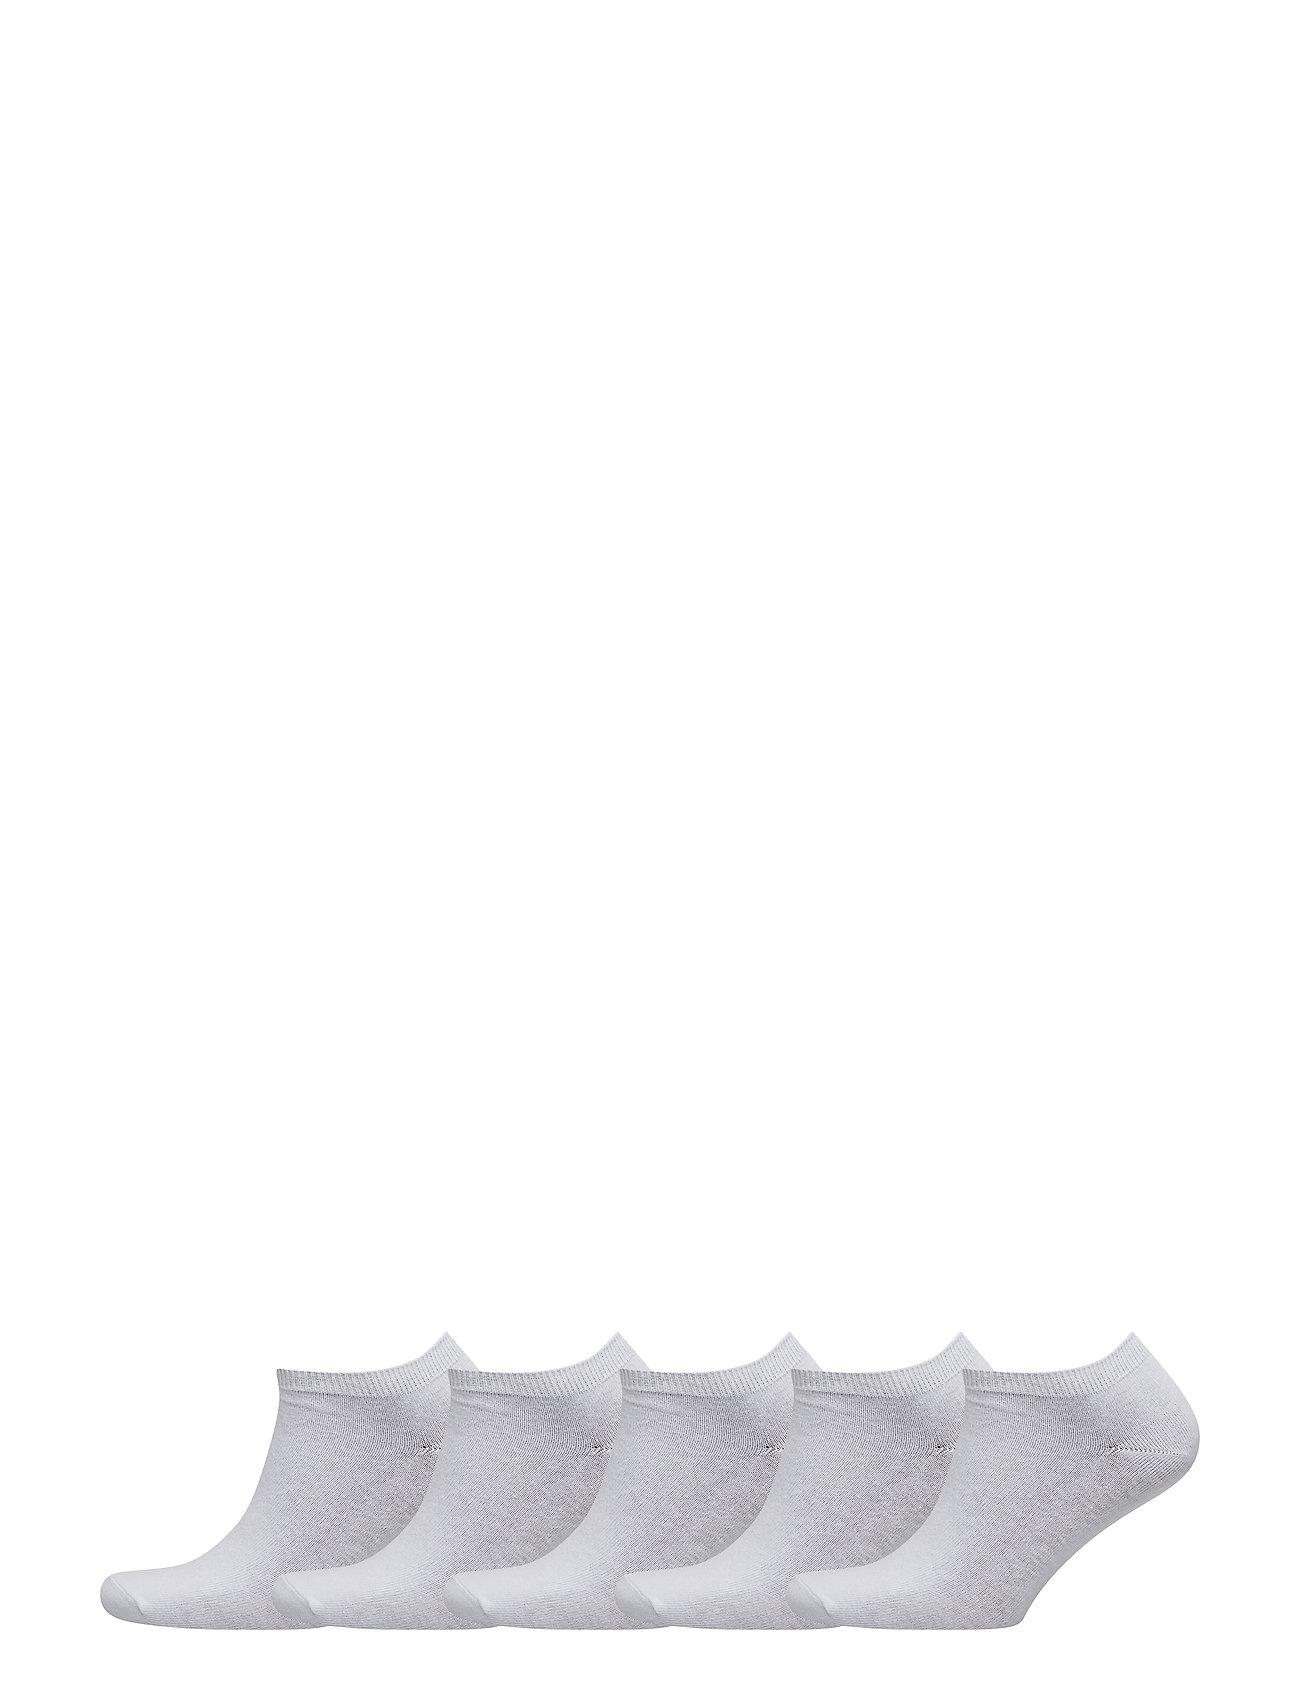 Ladies Sneakersock 5-Pack - Decoy